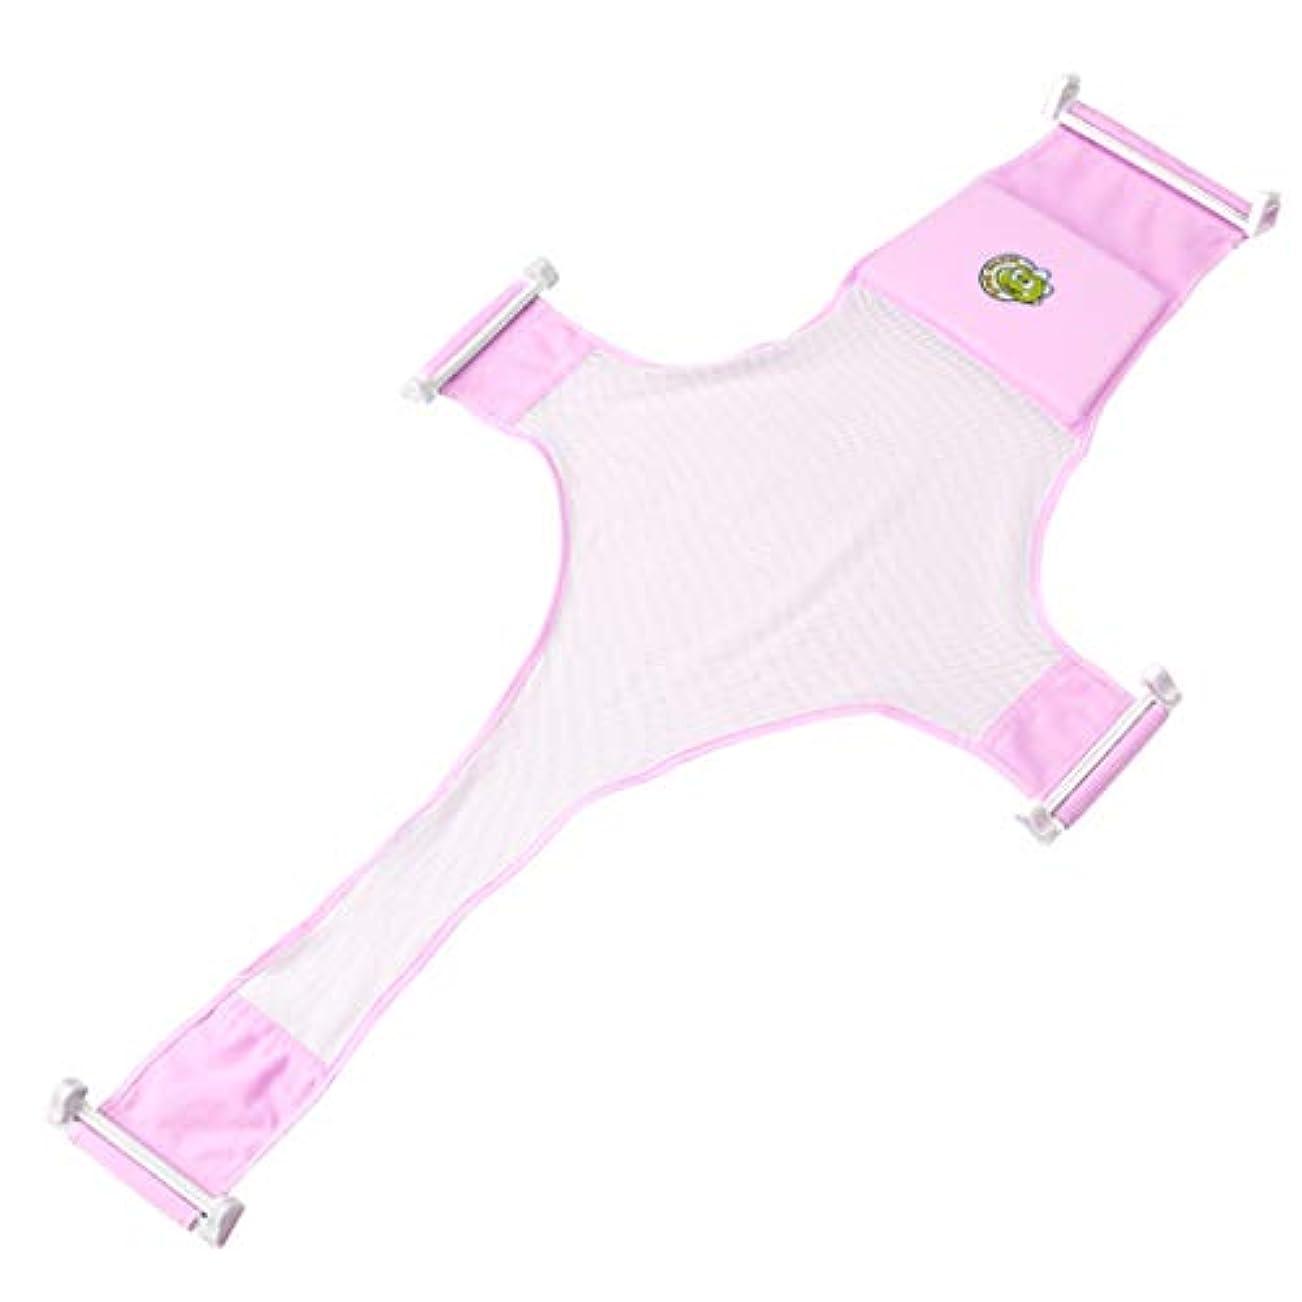 イベントチャットカーテンOniorベビー十字架支網 調節可能 座席 支持網 滑り止め 快適 入浴 スタンドサスペンダー ハンモック 柔らかい ピンク